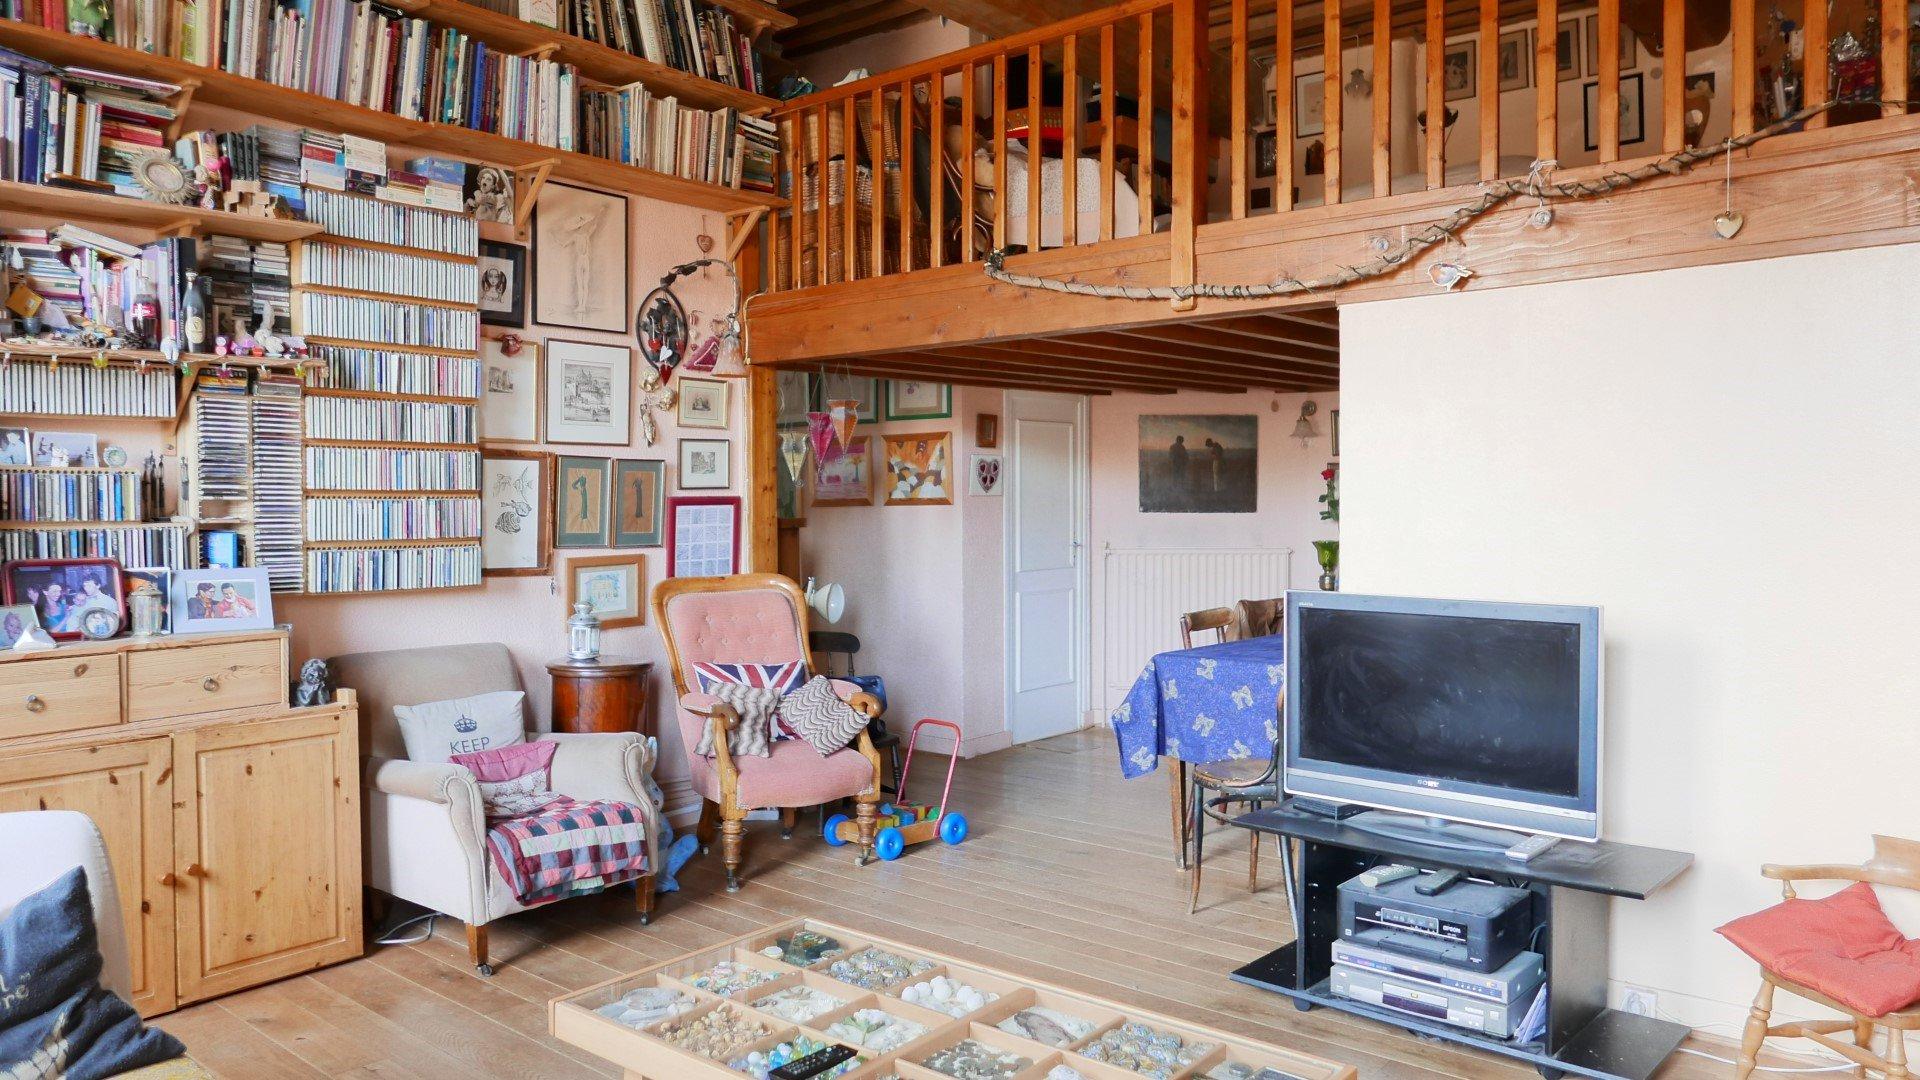 Achat Appartement Surface de 118 m², 5 pièces, Lyon 4ème (69004)